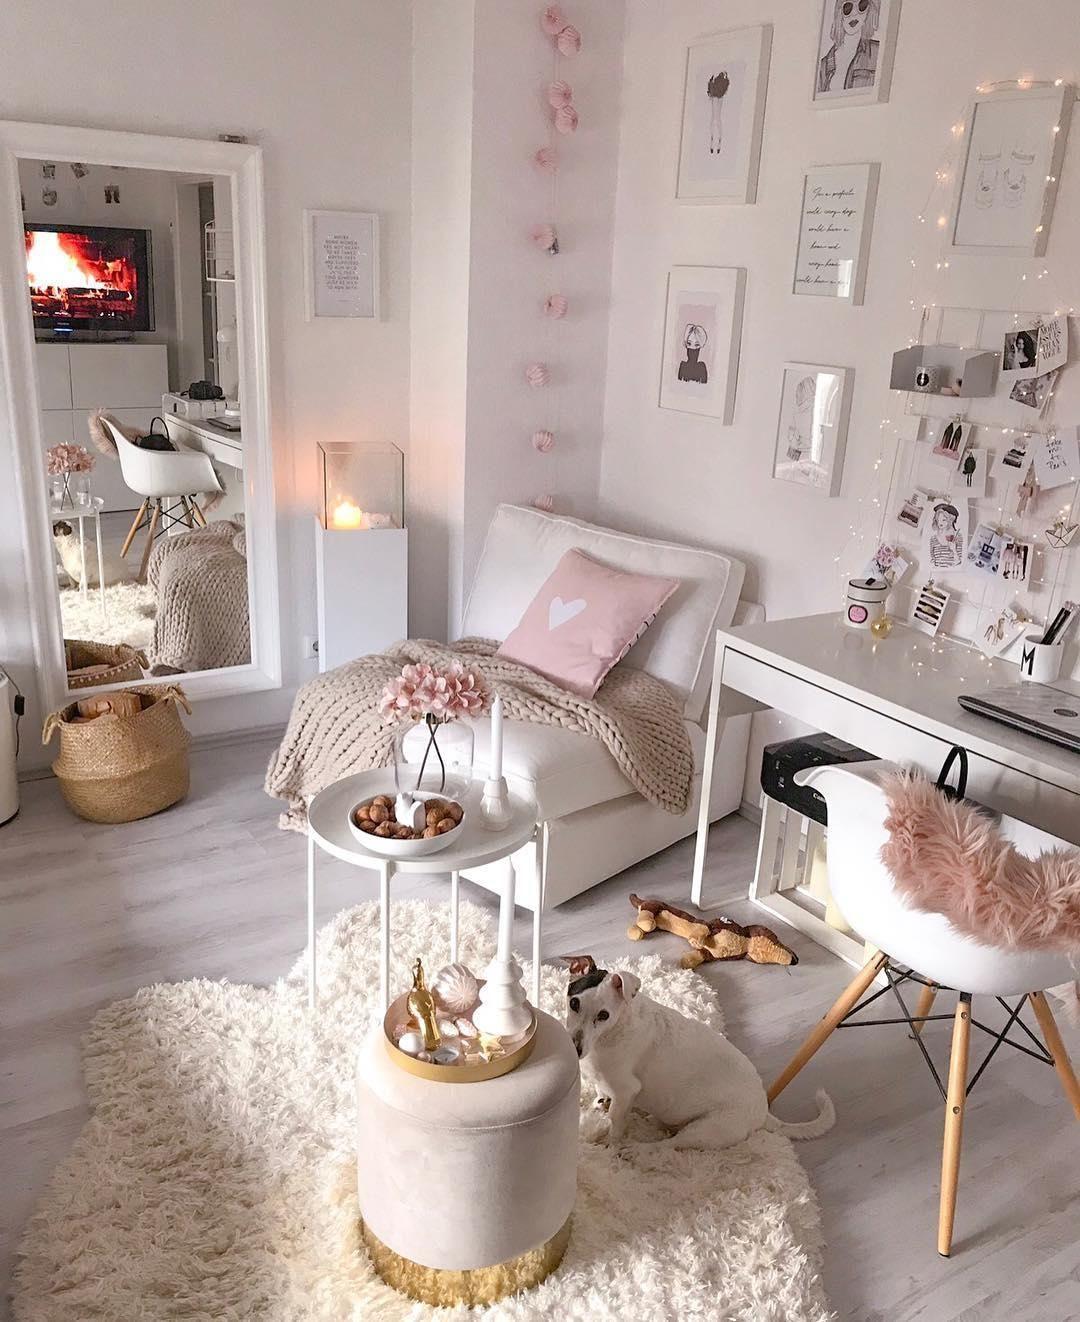 Cozy in Pink! In diesem kuscheligen Wohnzimmer in zartem Rosa lassen sich die kalten Tage aushalten. Kerzenschein, flauschige Plaids und gemütliche Kissen sorgen für eine entspannte Atmosphäre! Unser Favorit? Der Samt-Hocker Harlow! 📷:@villa.snowwhite // Wohnzimmer Deko Dekoration Rosa Winter Weihnachten Winterdeko Weihnachtsdeko Pouf Samt Sessel Fell Teppich #Wohnzimmer #Wohnzimmerideen #Weihnachten #Winterdeko #Weihnachtsdeko #Pouf #Samt #Delp